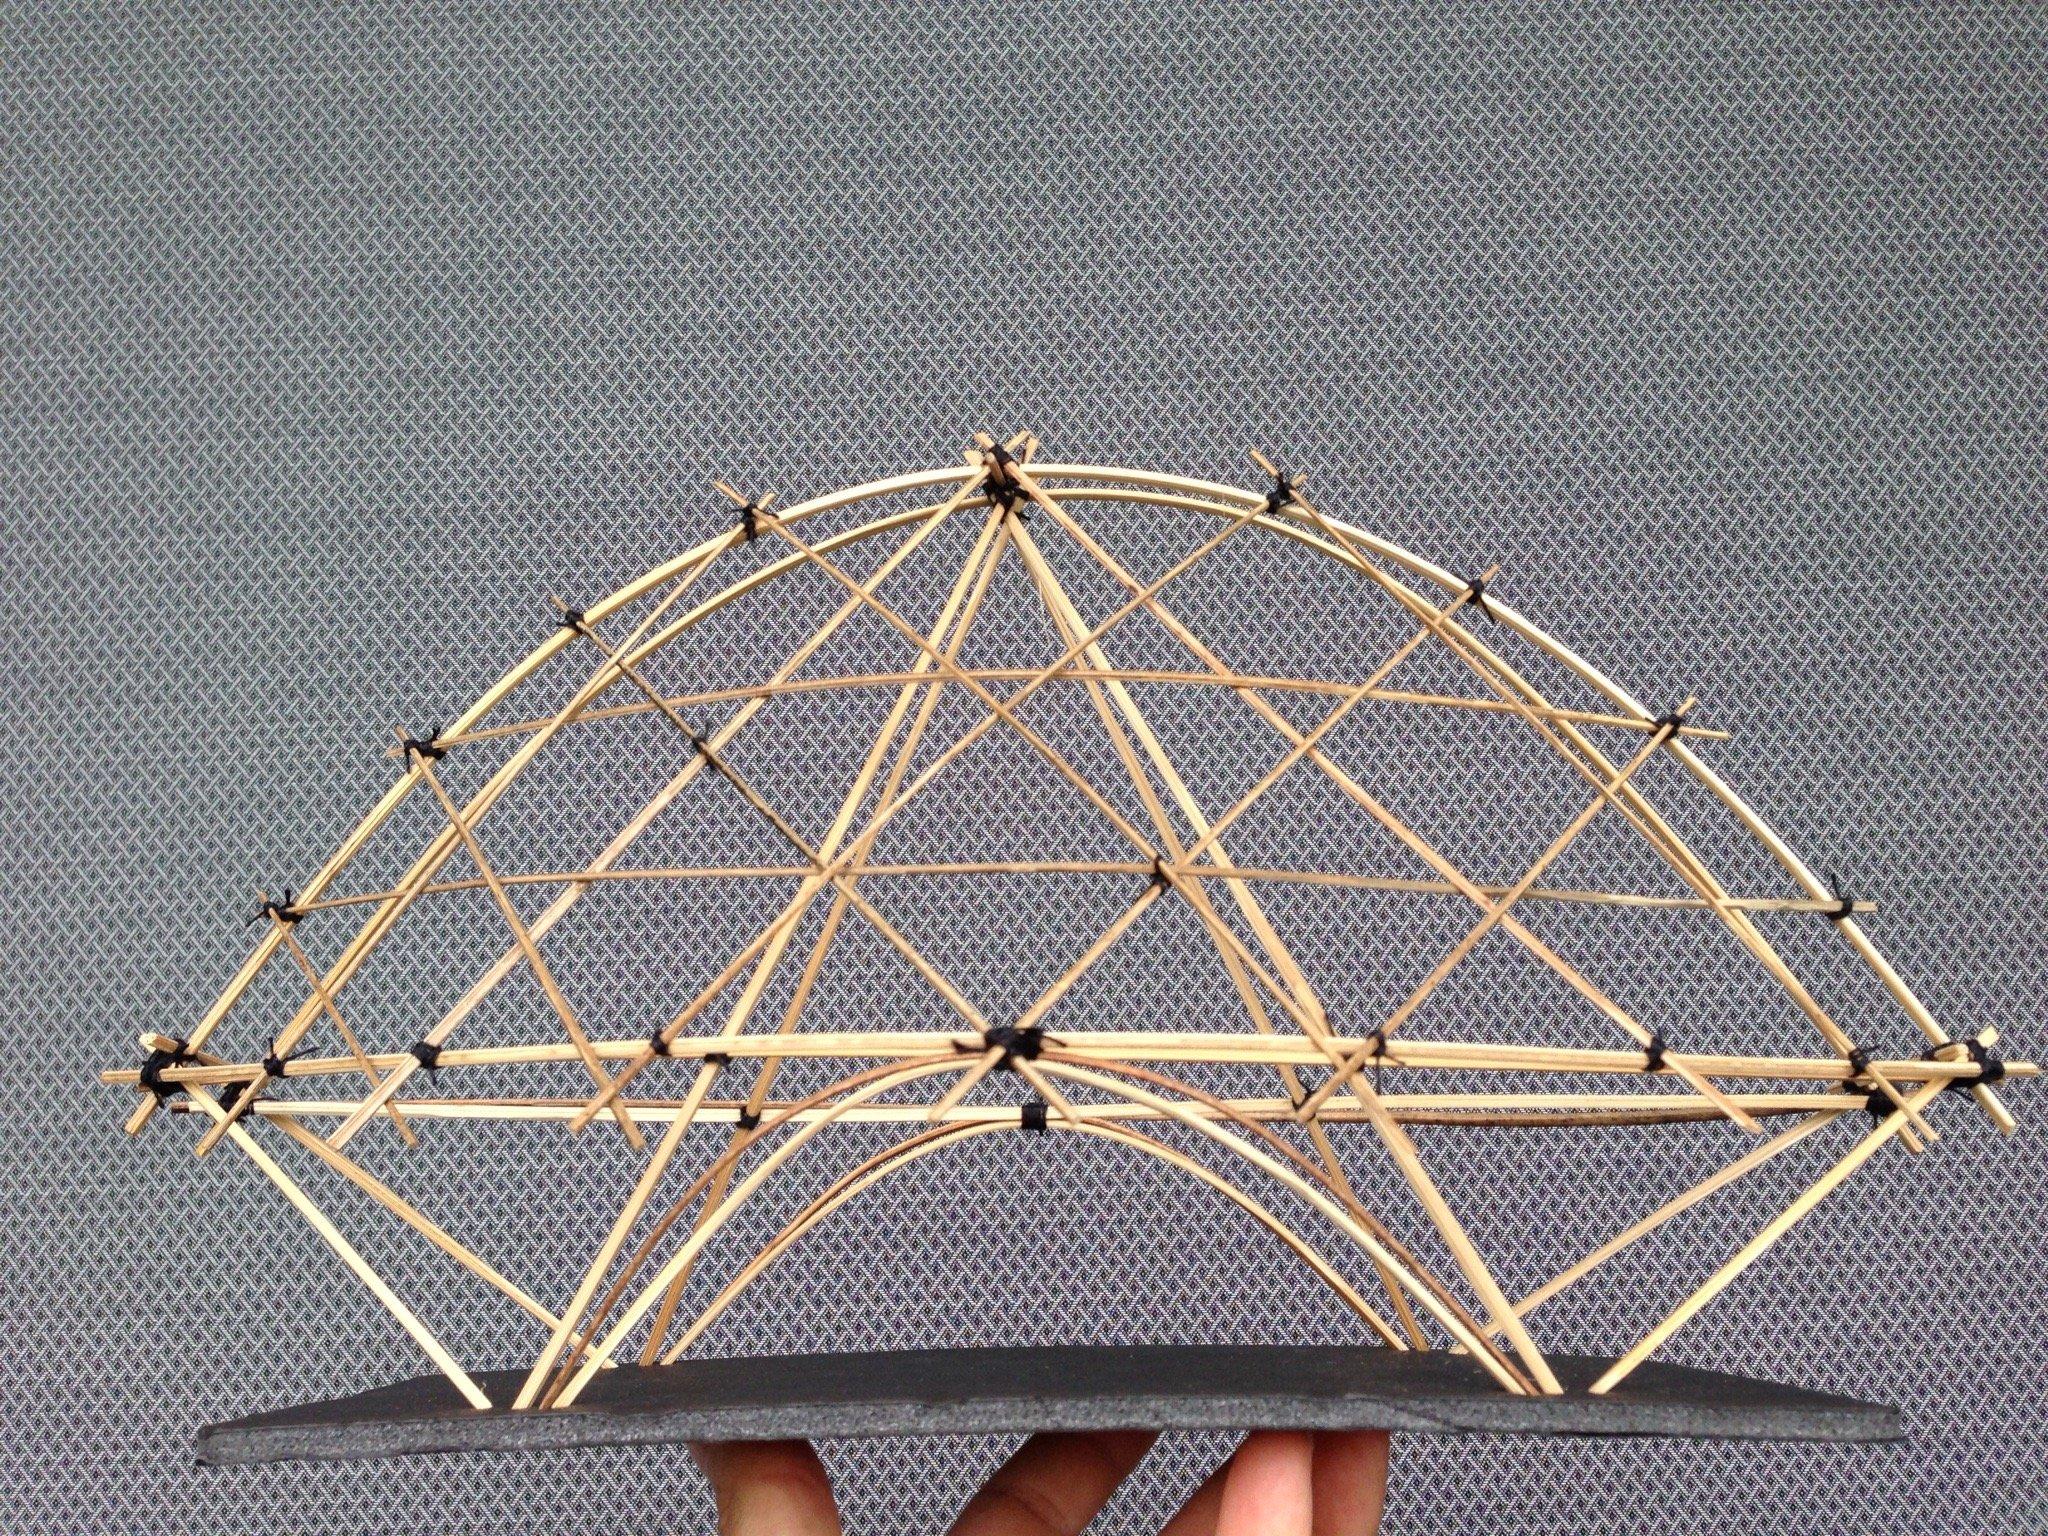 public building structure_scale model 1